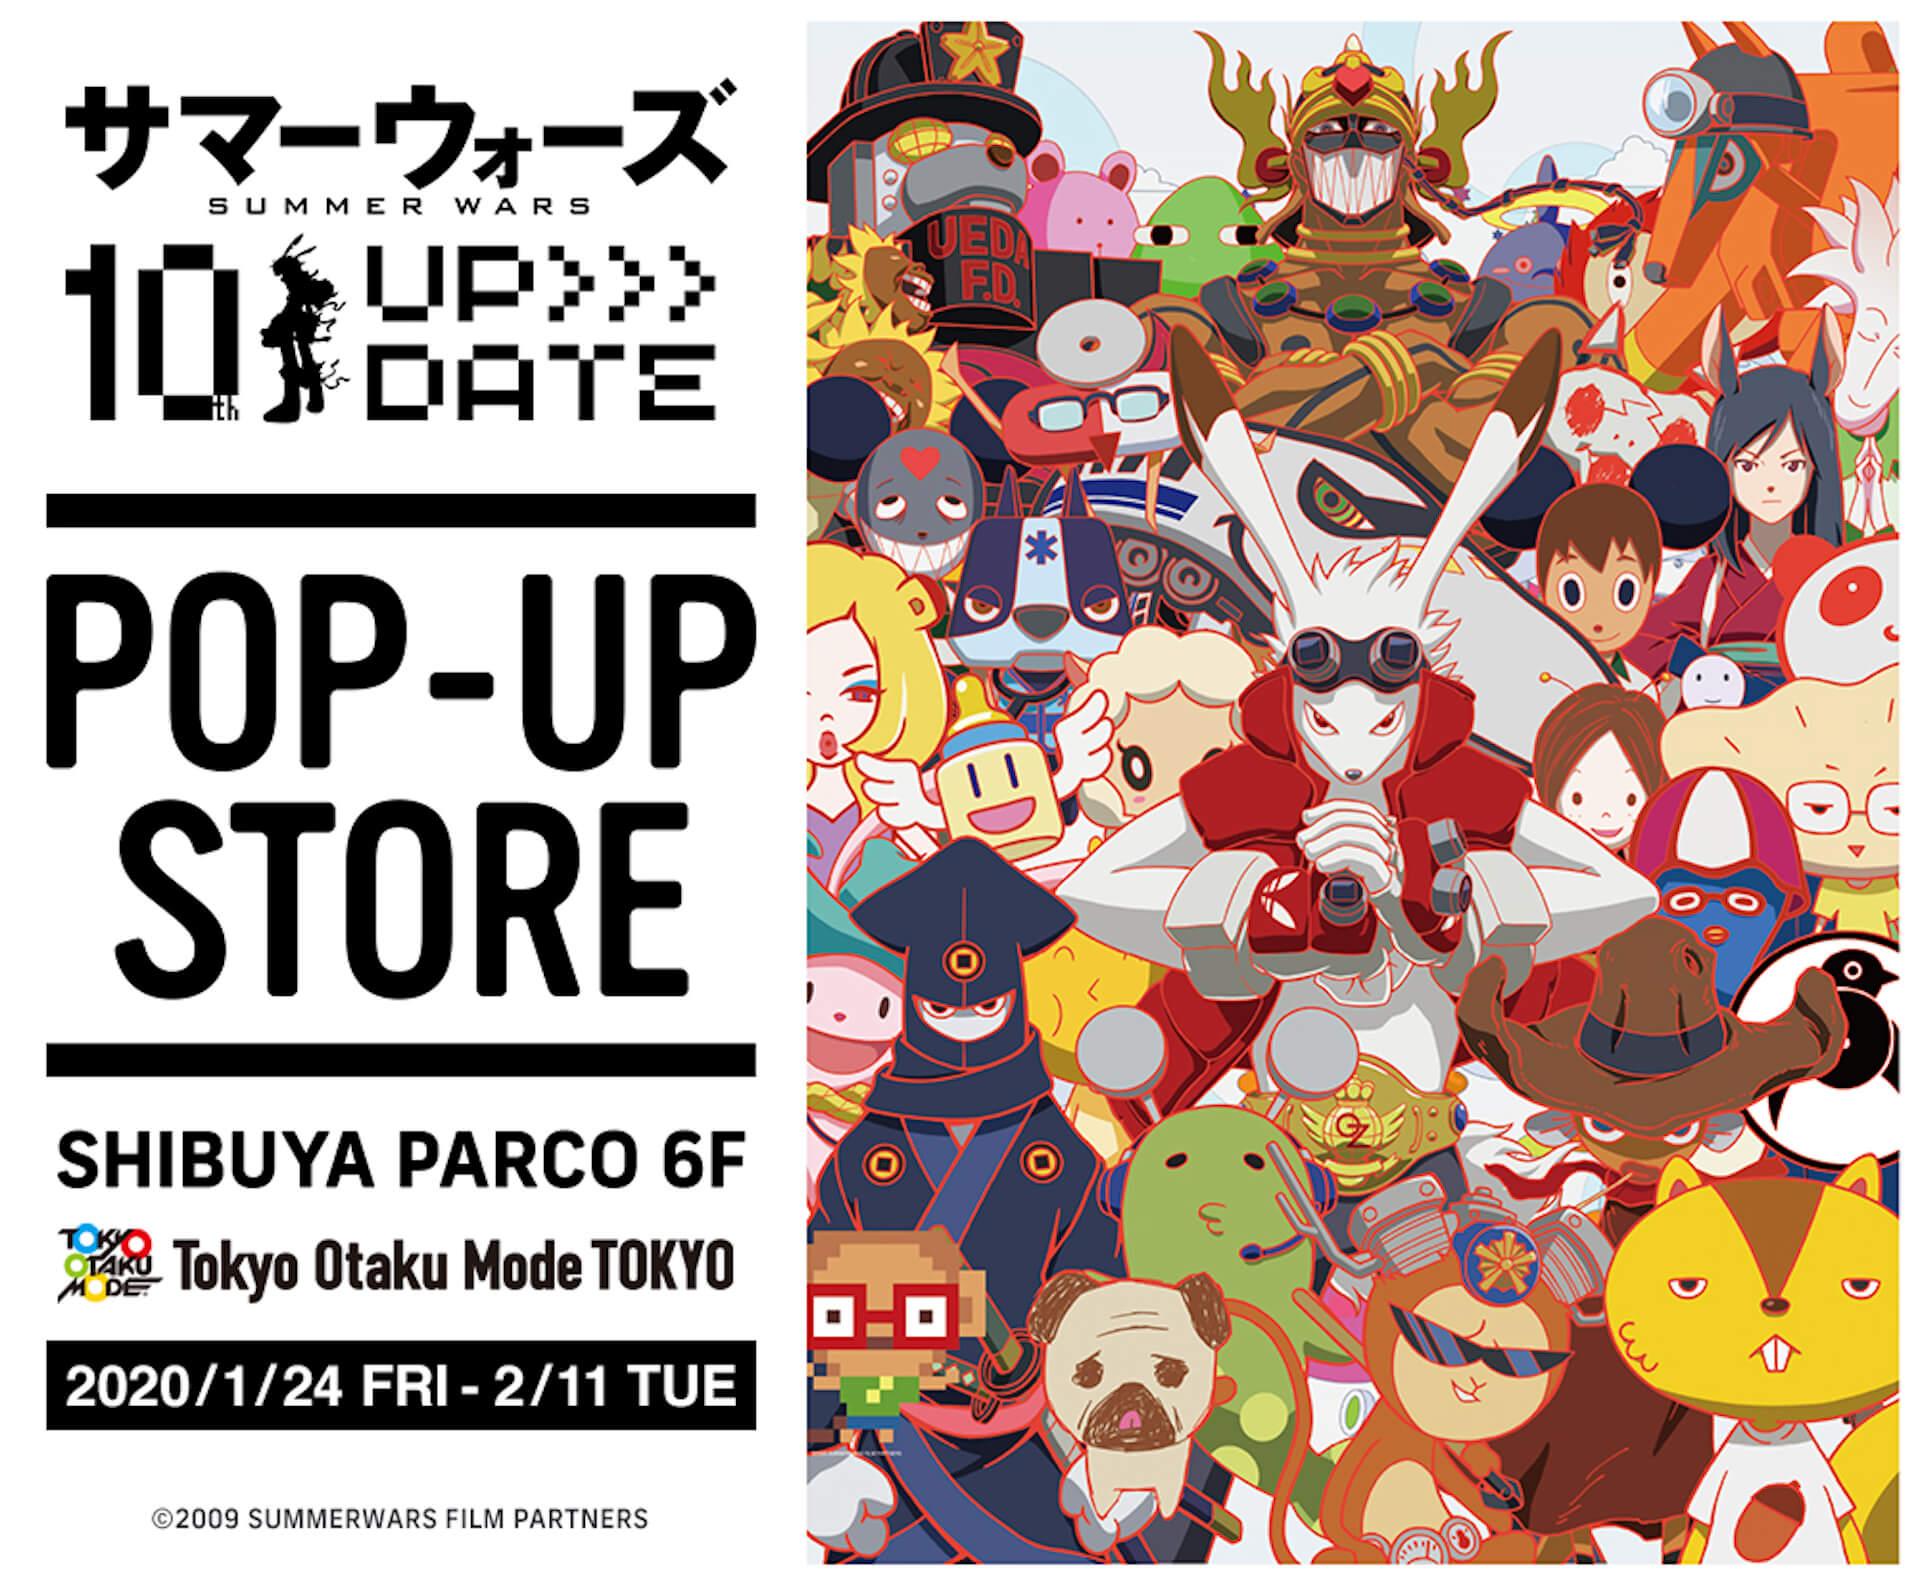 10周年を迎える『サマーウォーズ』が渋谷パルコ「Tokyo Otaku Mode TOKYO」でポップアップストア開催!限定グッズやプレゼントも lf200114_summerwarsparco_01